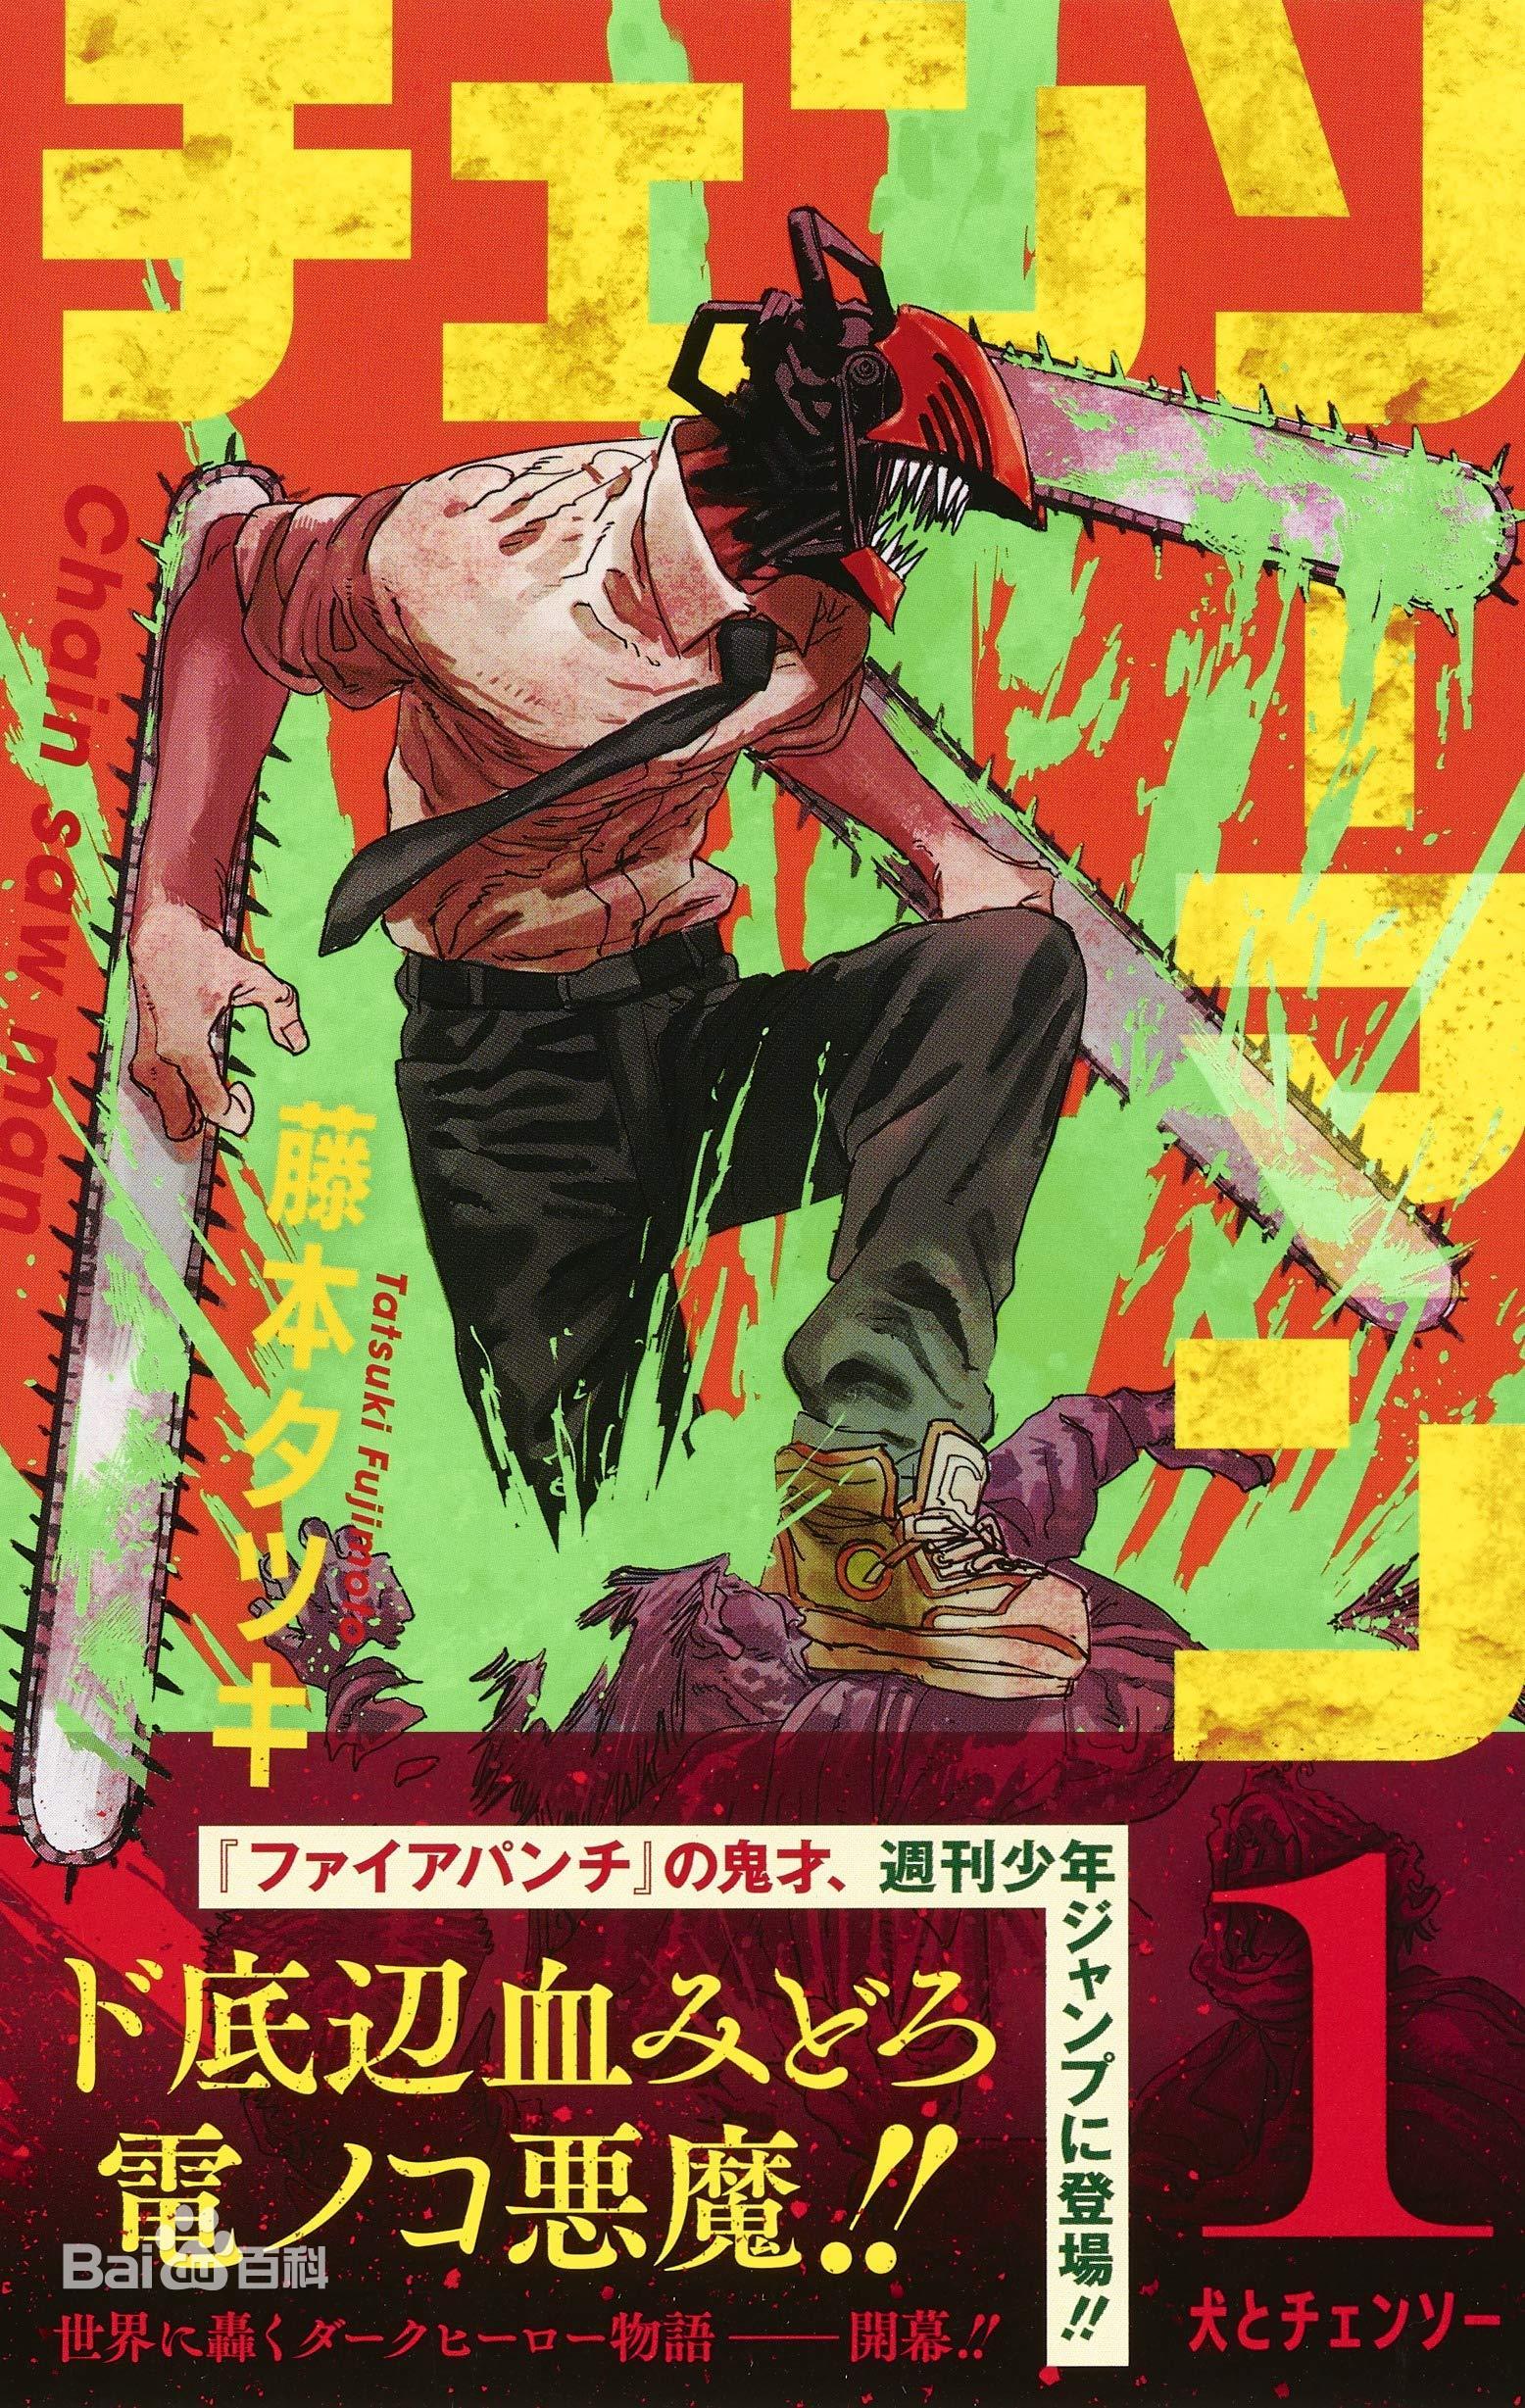 【漫画】【连载中】《链锯人》百度网盘下载